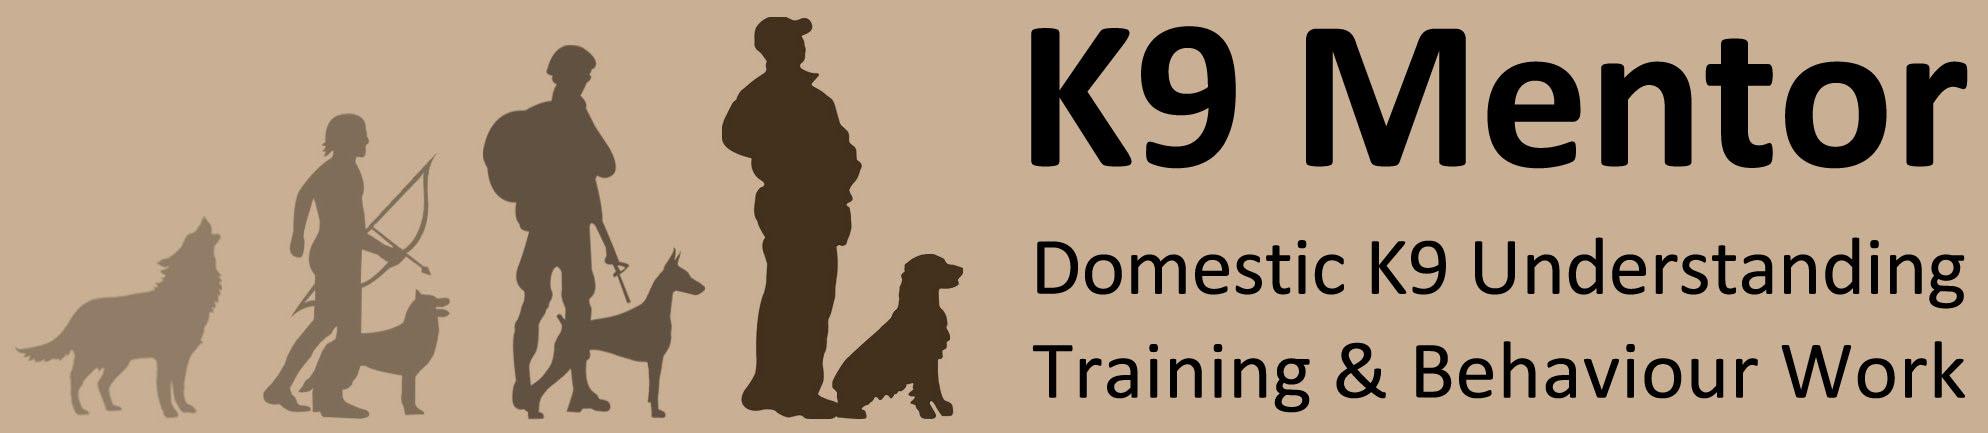 K9 Mentor